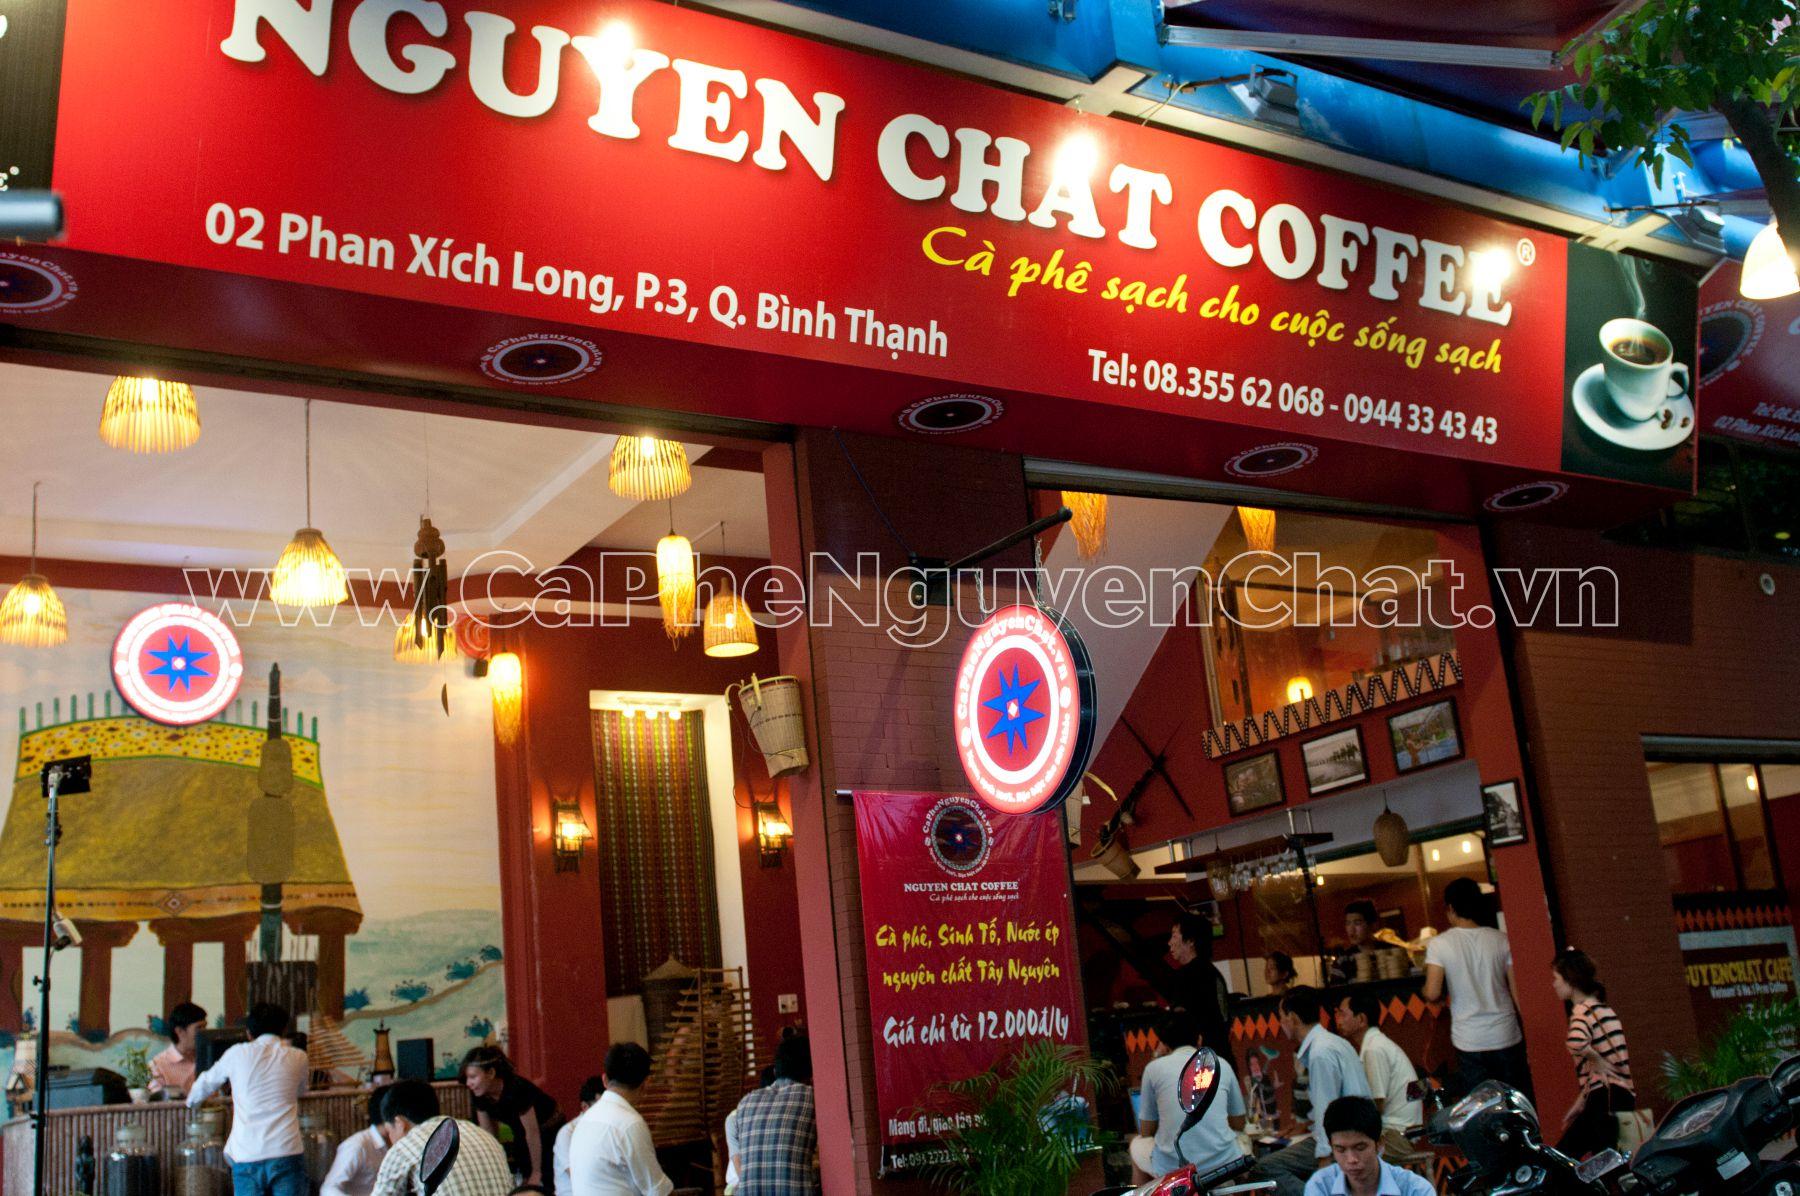 Mua cafe nguyên chất giá tốt nhất tại thành phố HCM